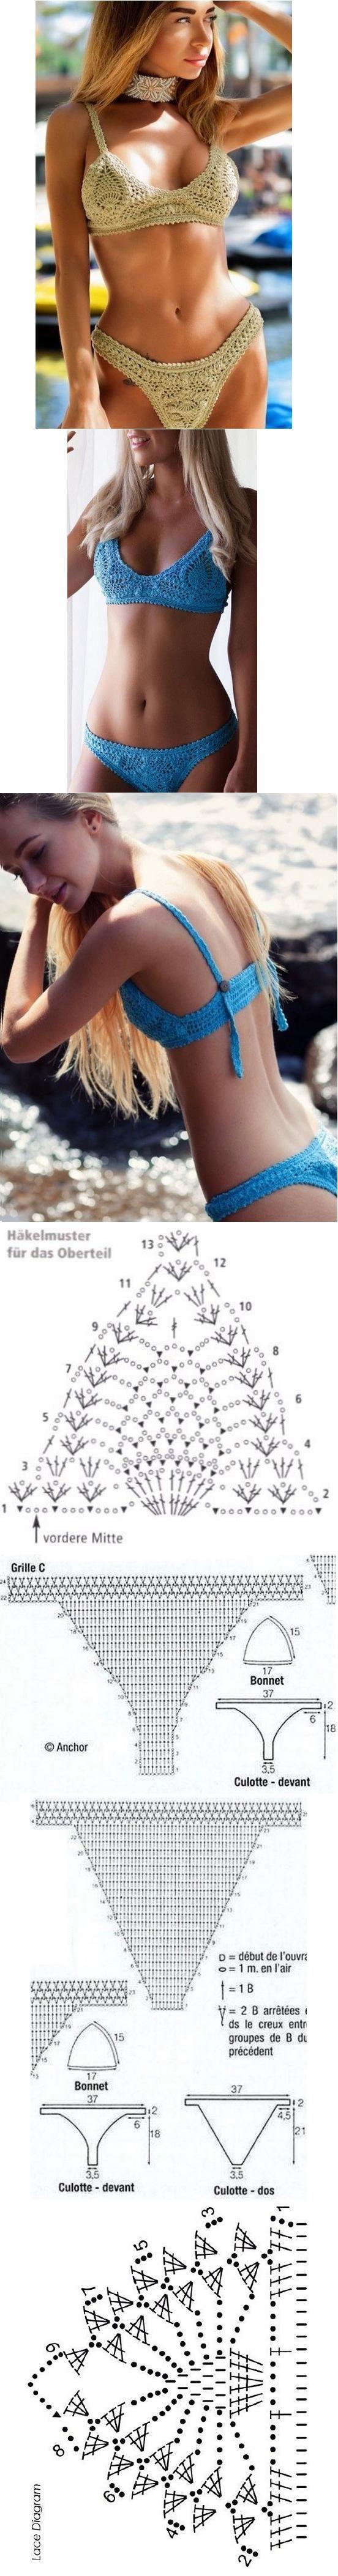 711 best Bikini images on Pinterest | Blouse, Chrochet and Crochet